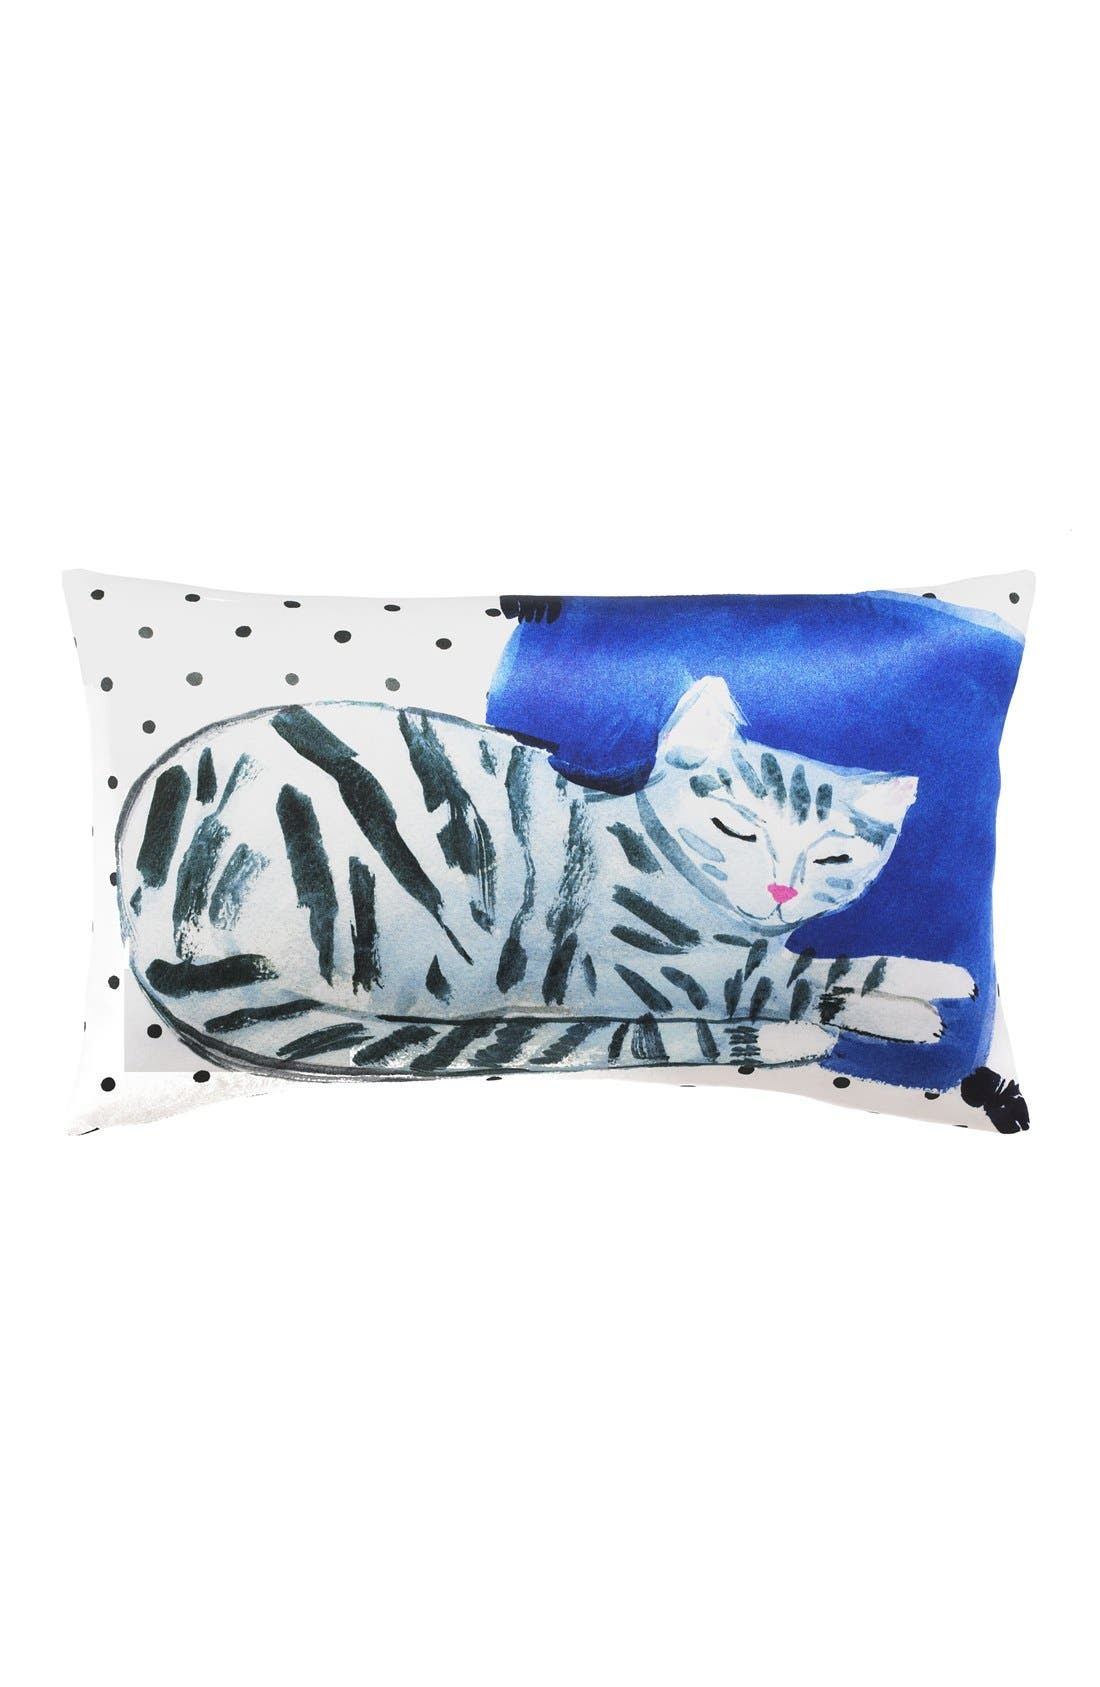 Main Image - kate spade new york 'cat nap' accent pillow